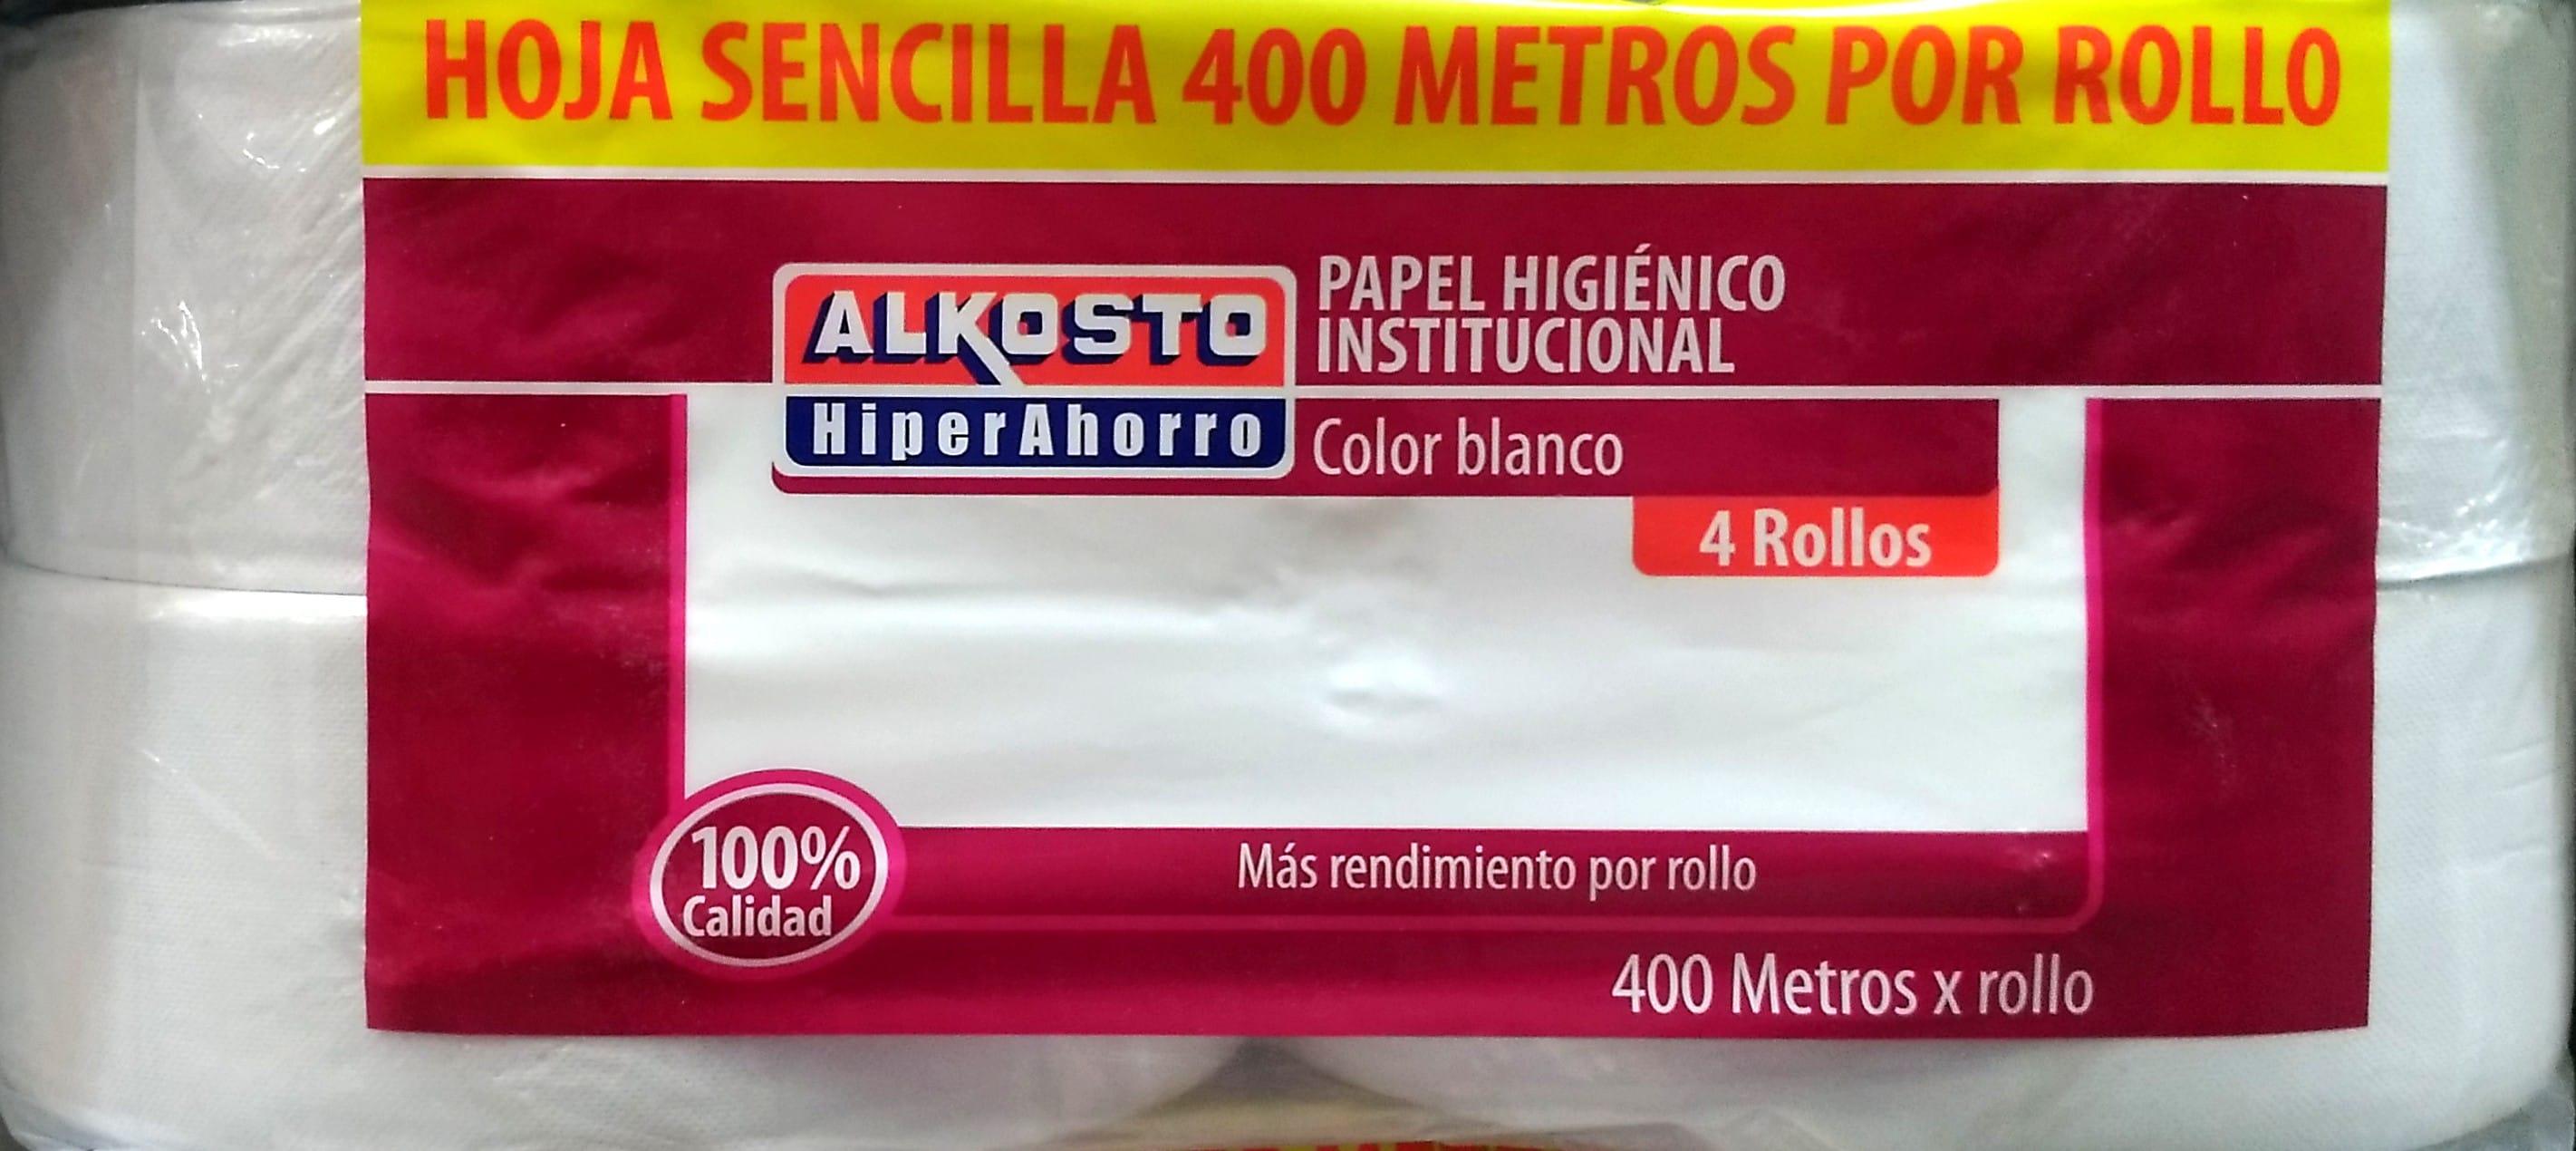 Paoel Higiénico Alkosto Institucional Blanco Hoja Sencilla 400mt x 4 Rollos